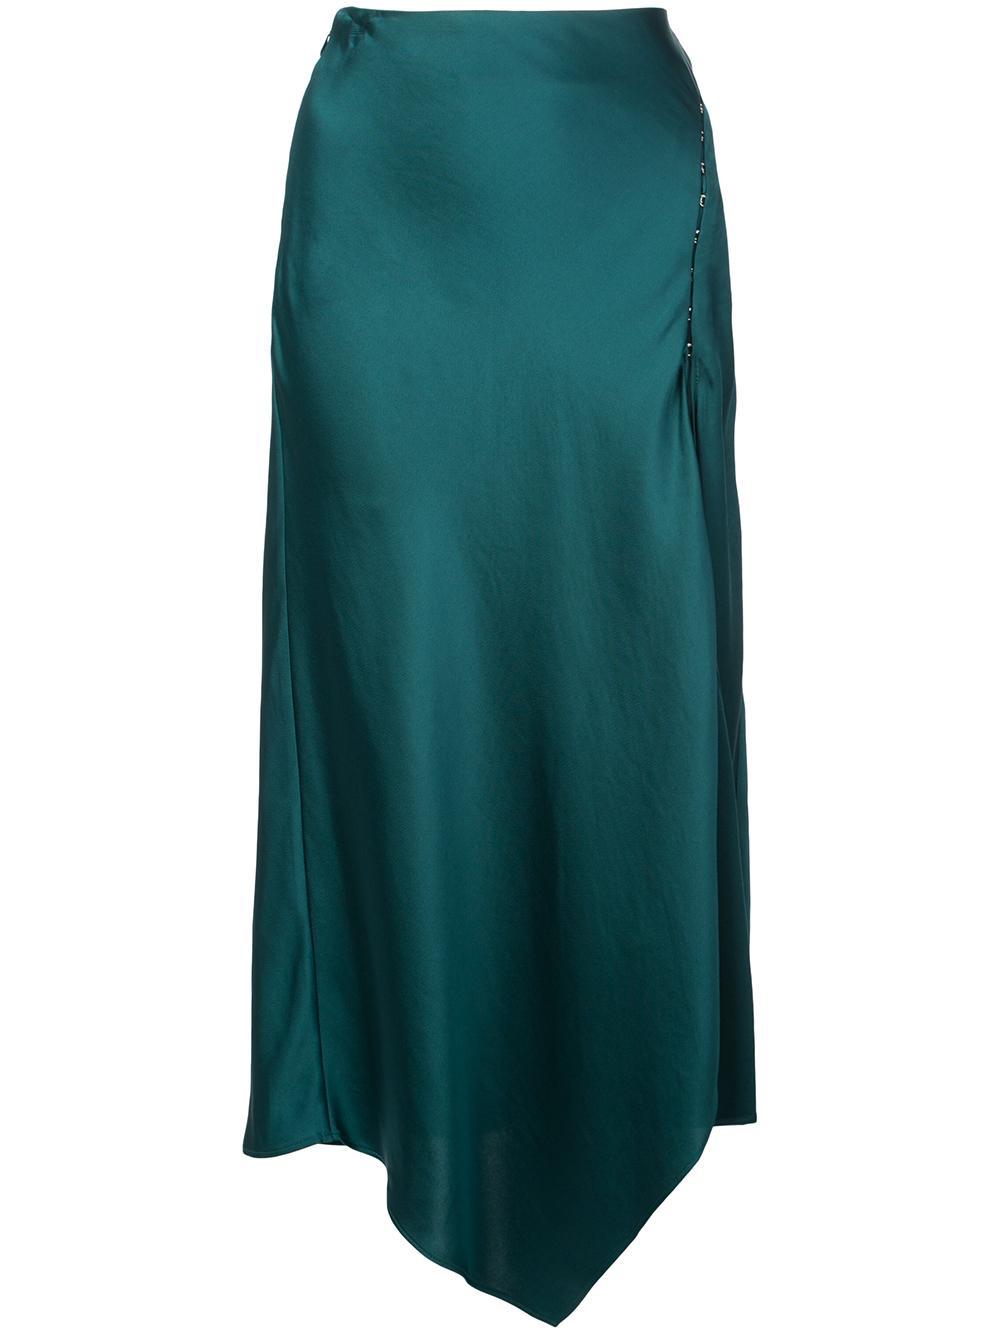 Crepe Back Satin Hankercheif Skirt Item # 419-3009-C